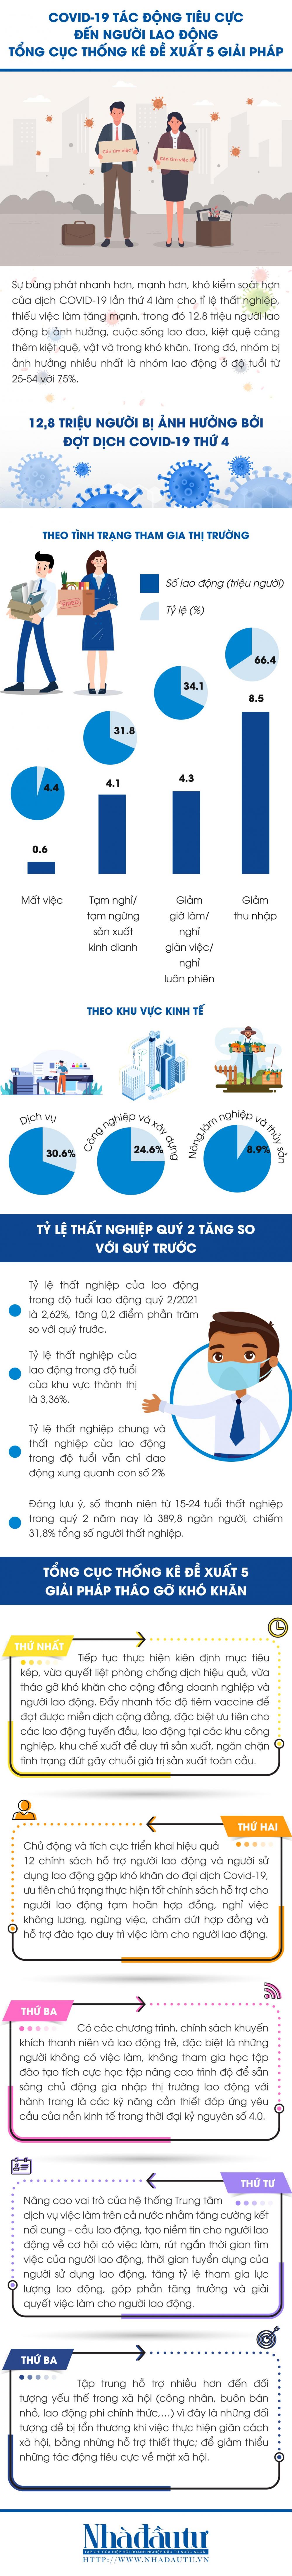 [Infographic] 12,8 triệu người lao động lao đao, Tổng cục Thống kê kiến nghị 5 giải pháp - Ảnh 1.